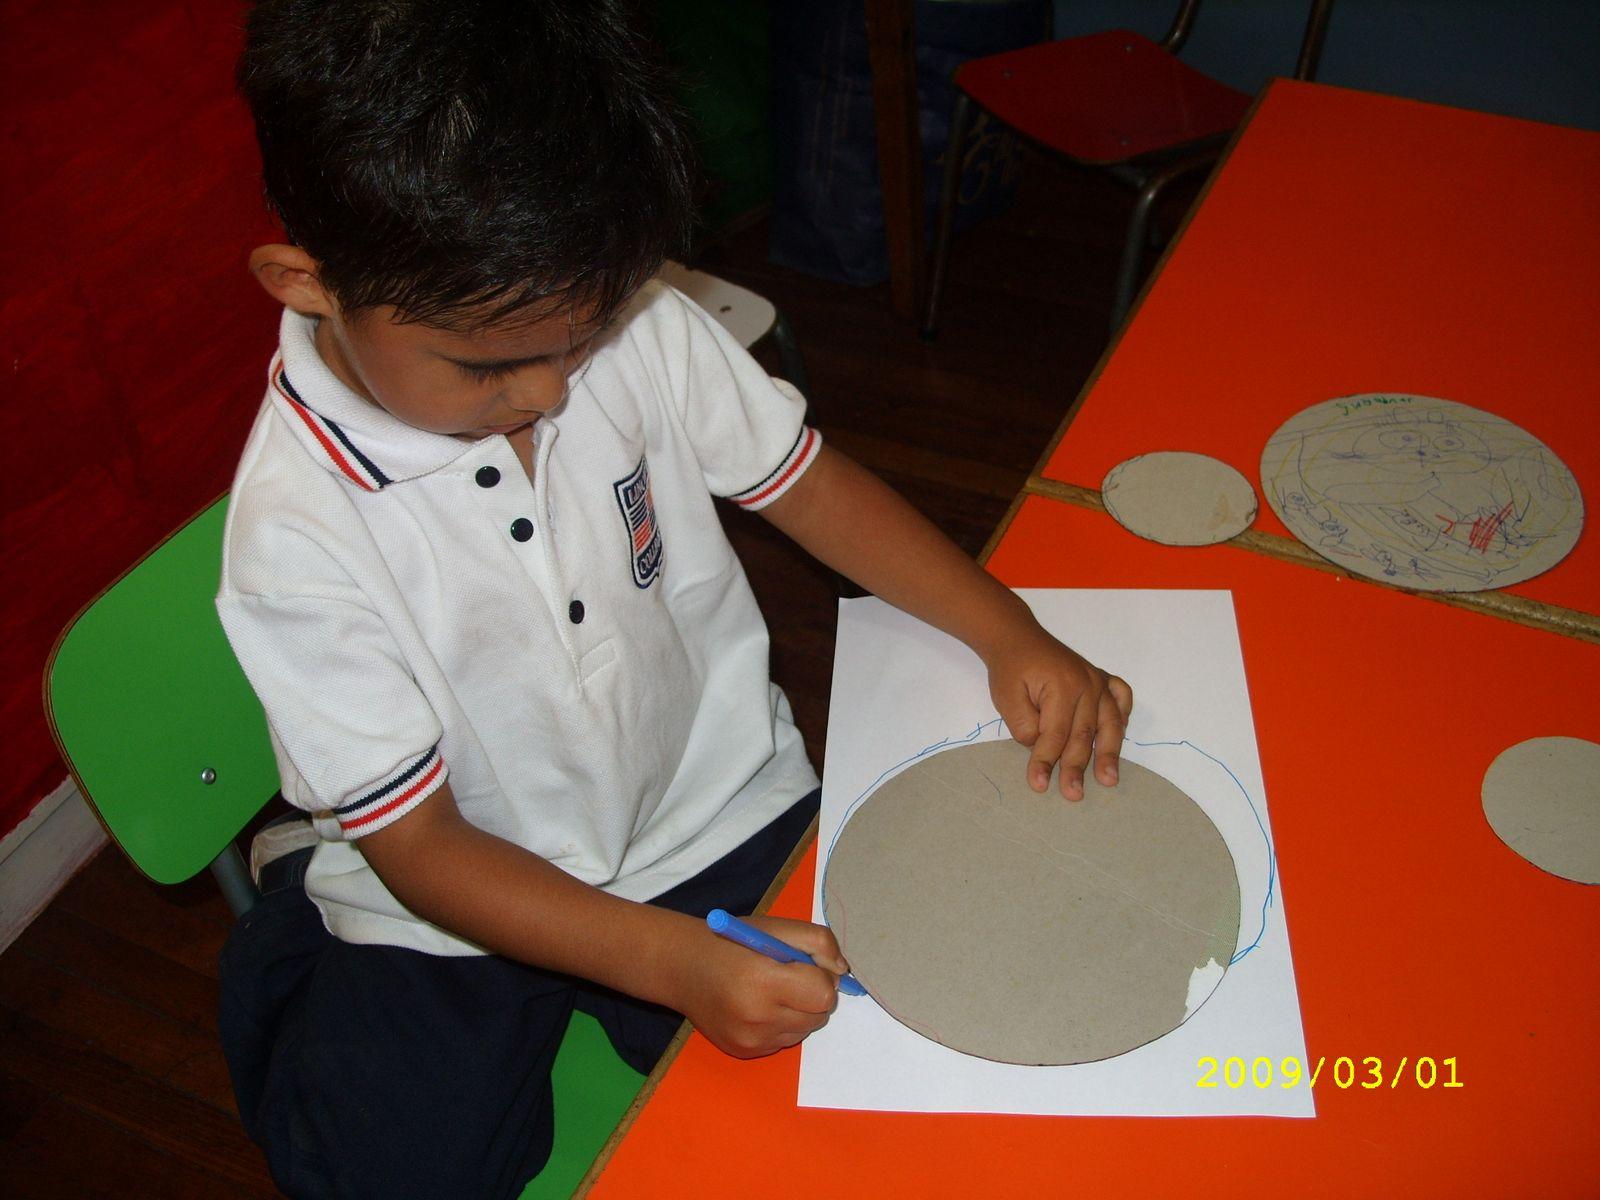 decorar sala de kinder : decorar sala de kinder:didácticos: Más materiales didácticos para la sala de pre kinder